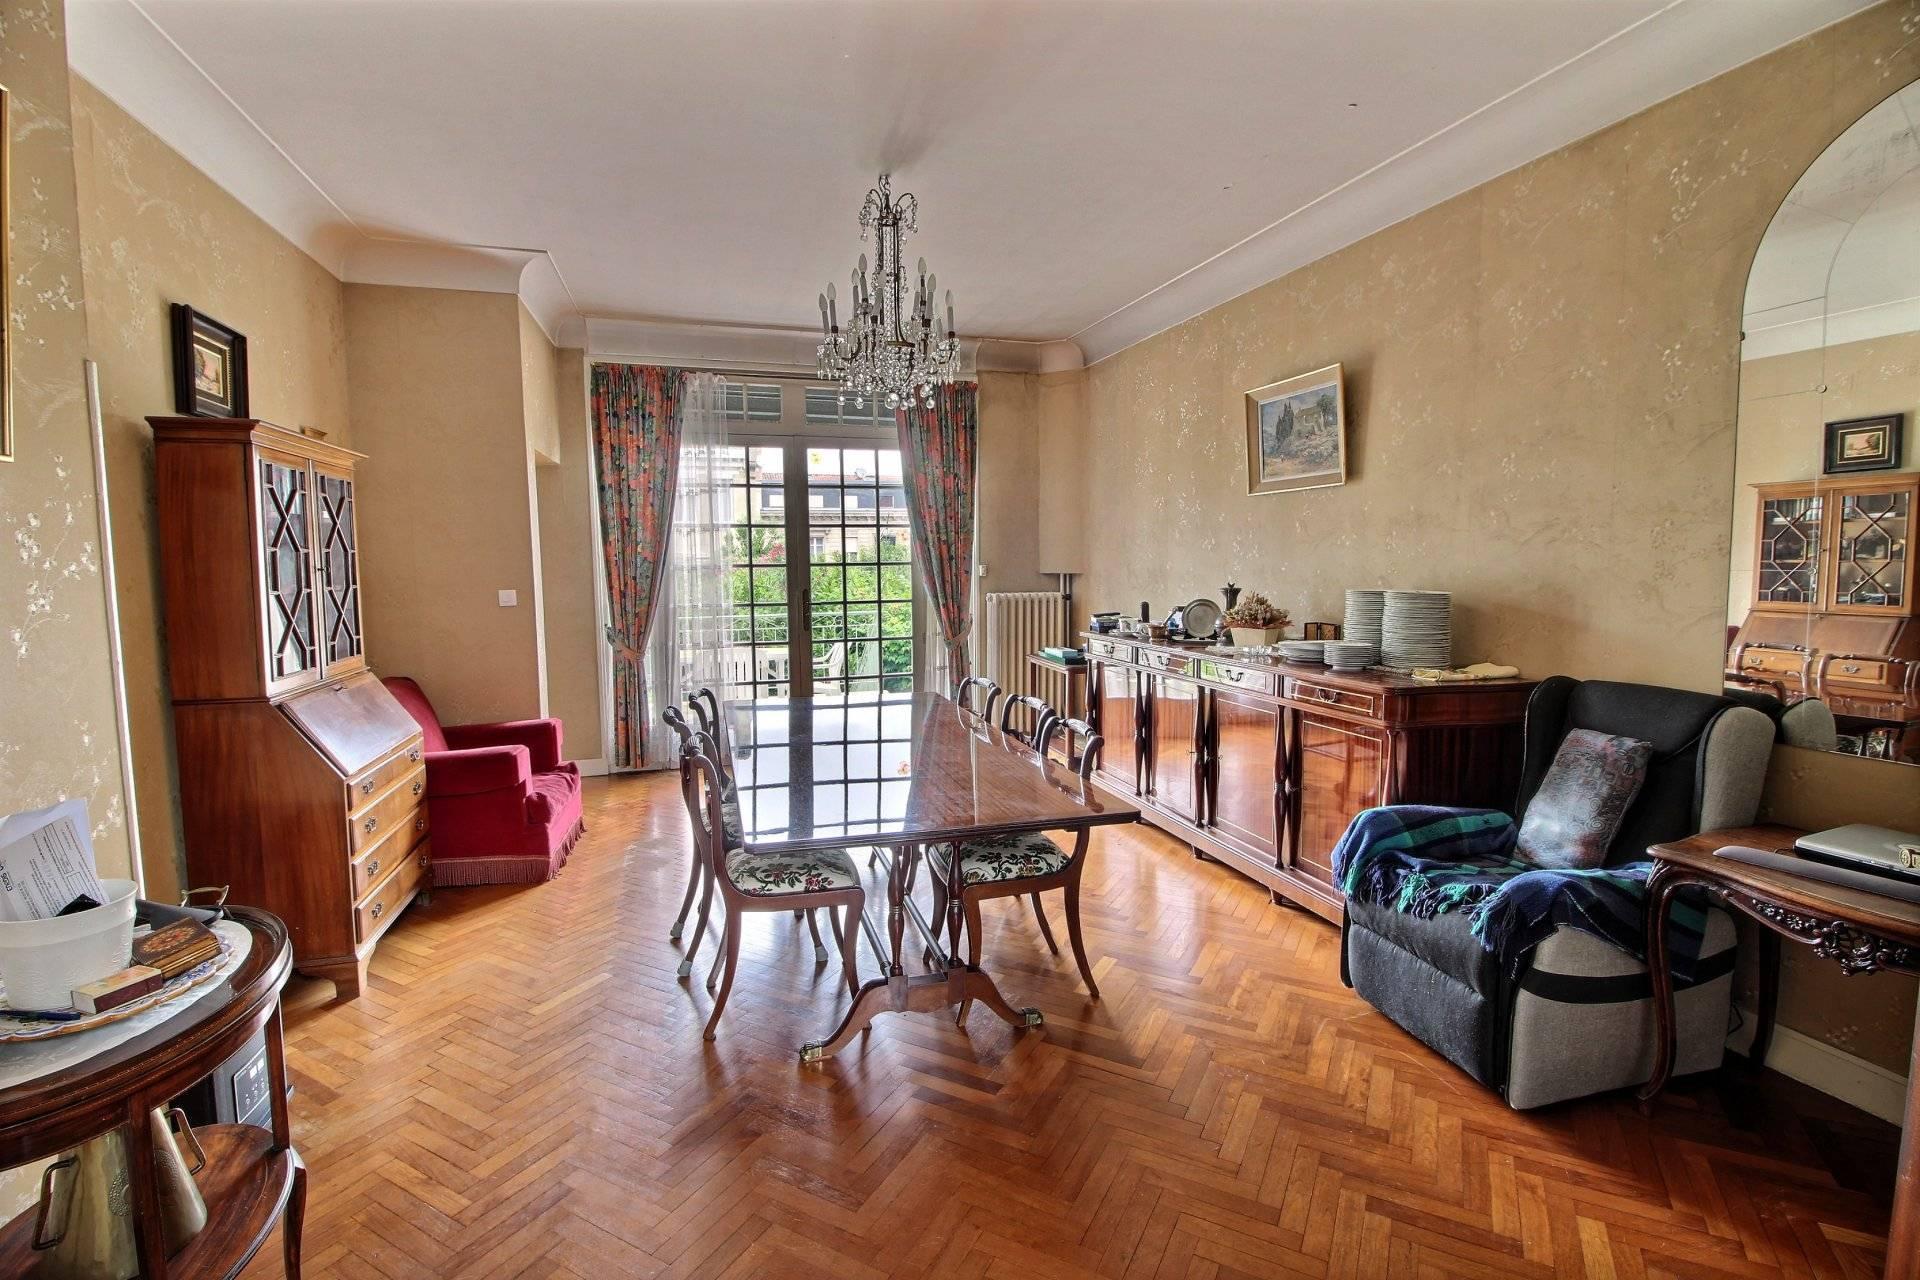 Belle maison bourgeoise en pierre a vendre BORDEAUX PARC LESCURE